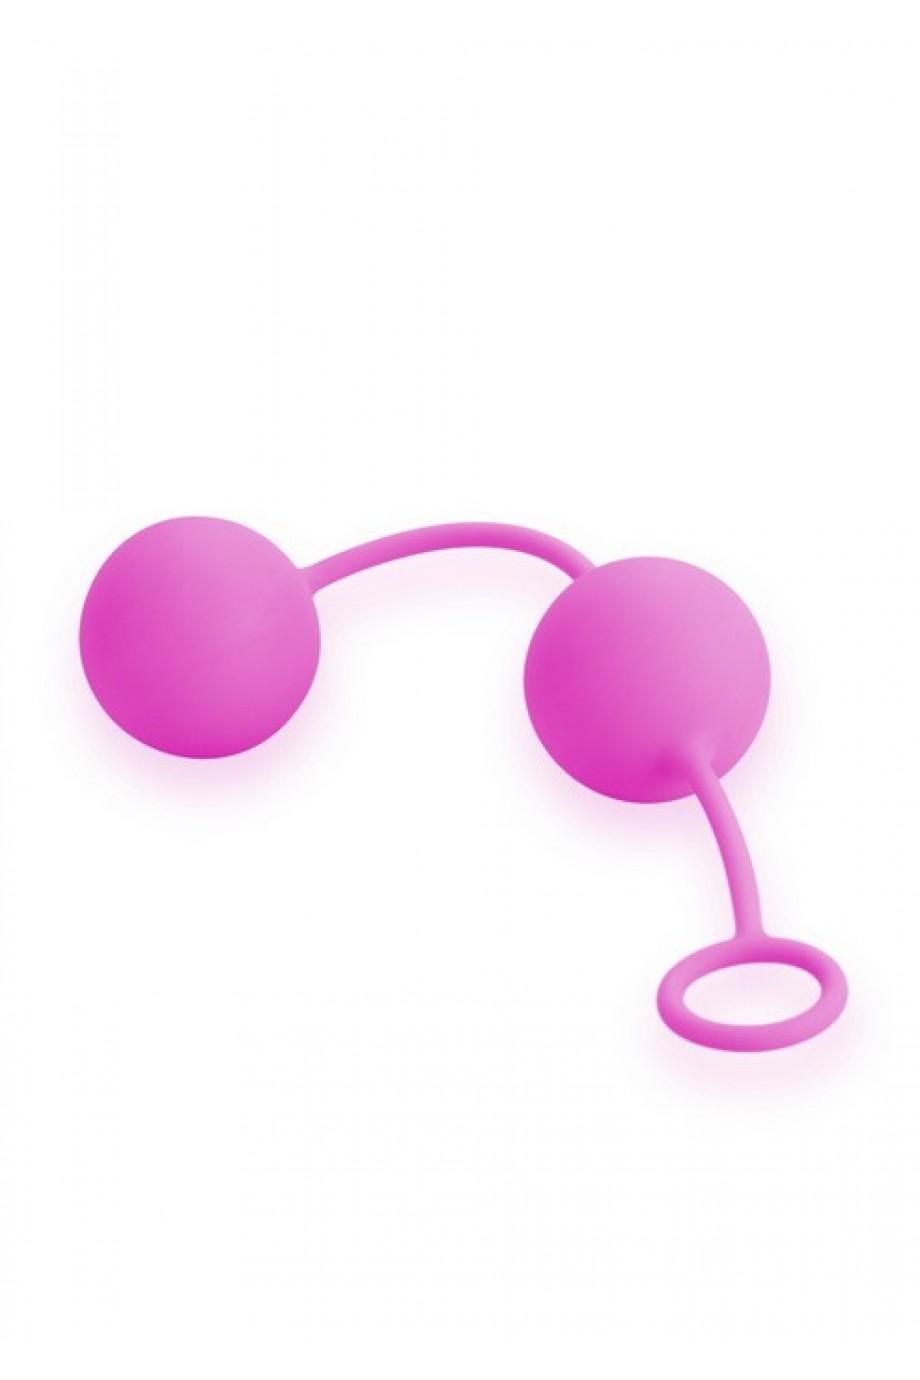 Geisha Twin Balls Deluxe розовые